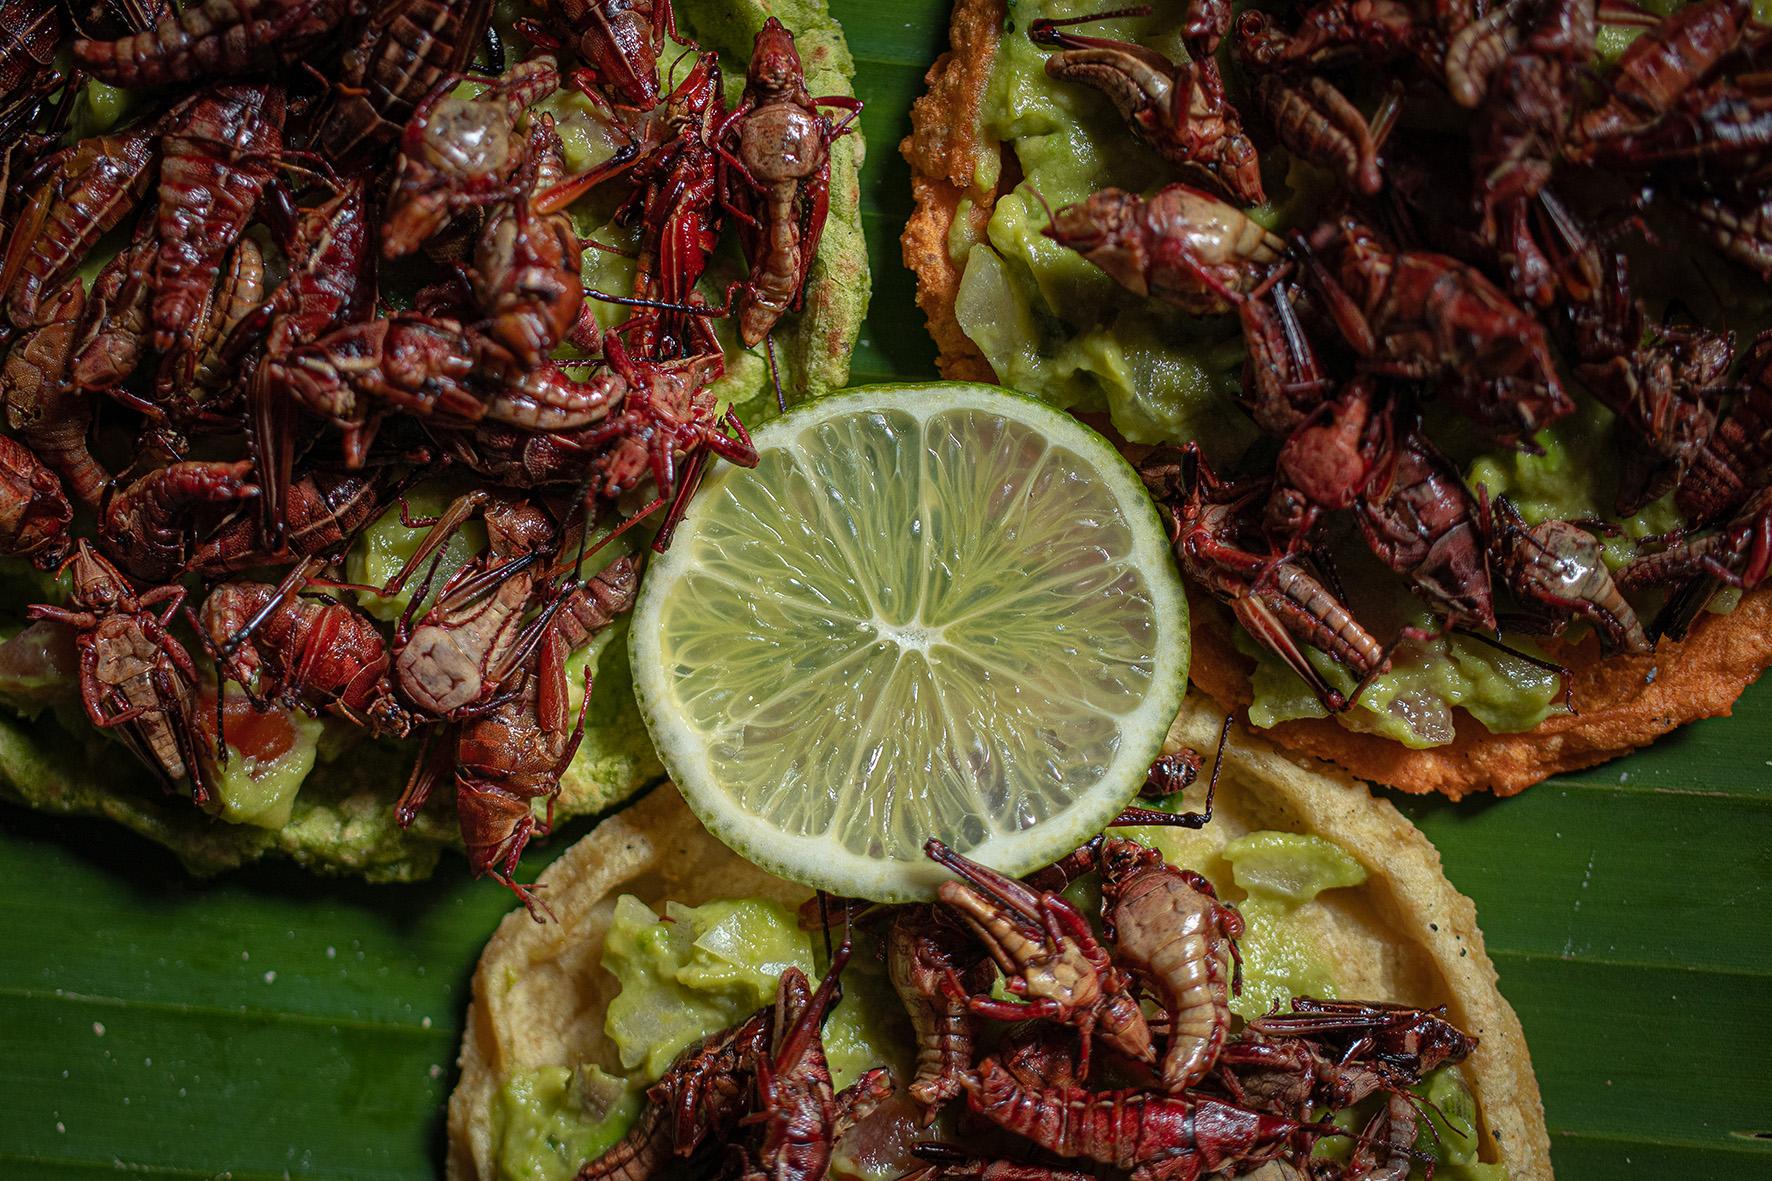 Vive, disfruta y prueba la gastronomía prehispánica de Teotihuacán